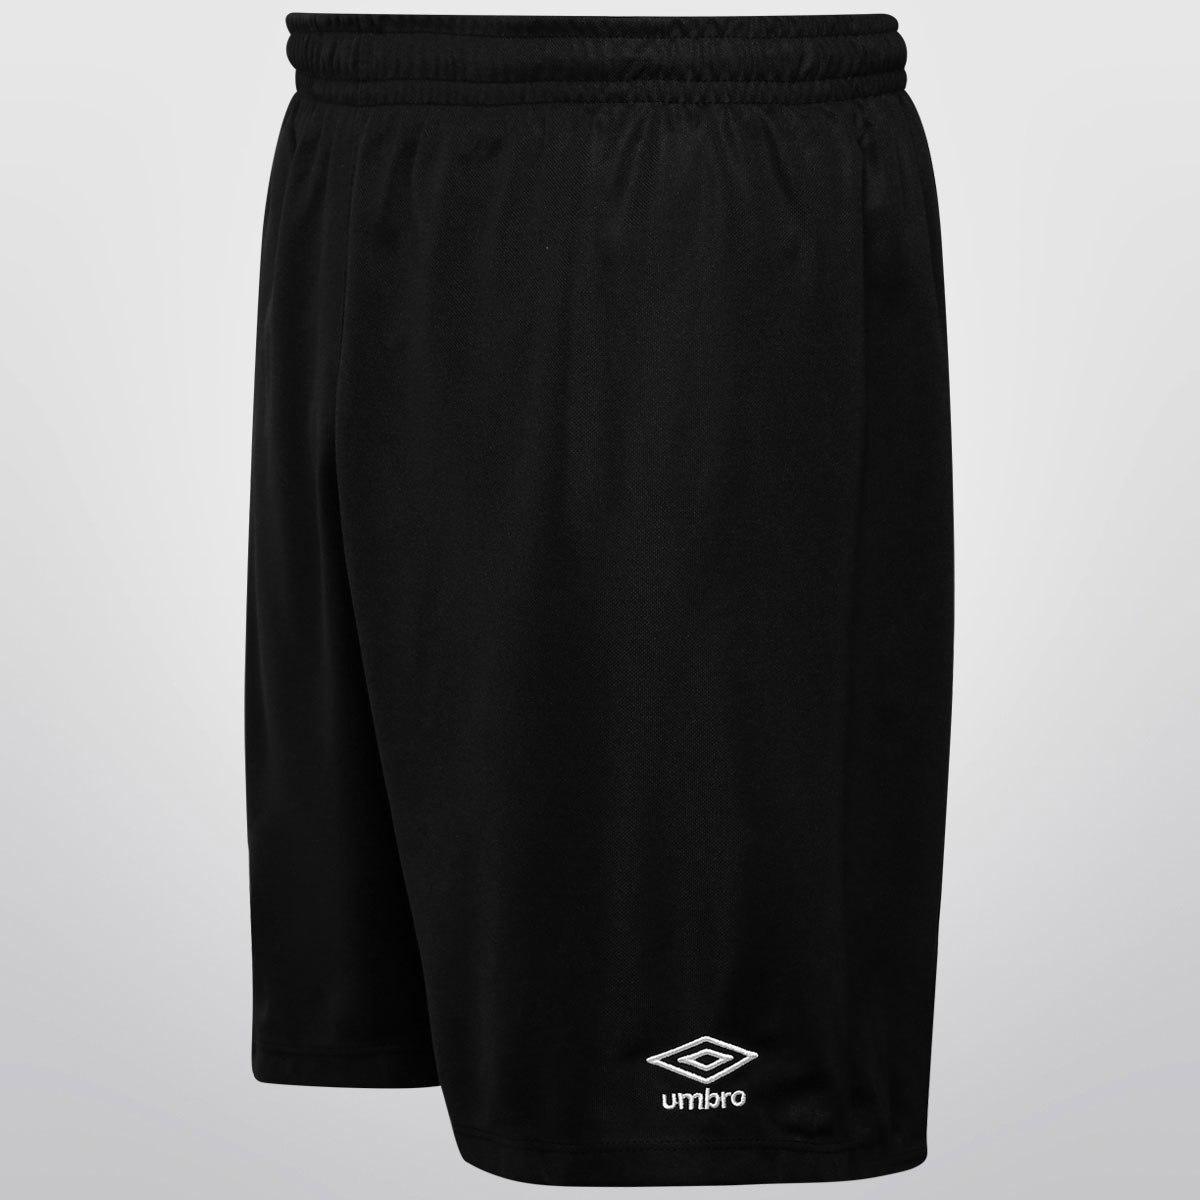 Calção Umbro Futebol Twr Luminus -Masculino